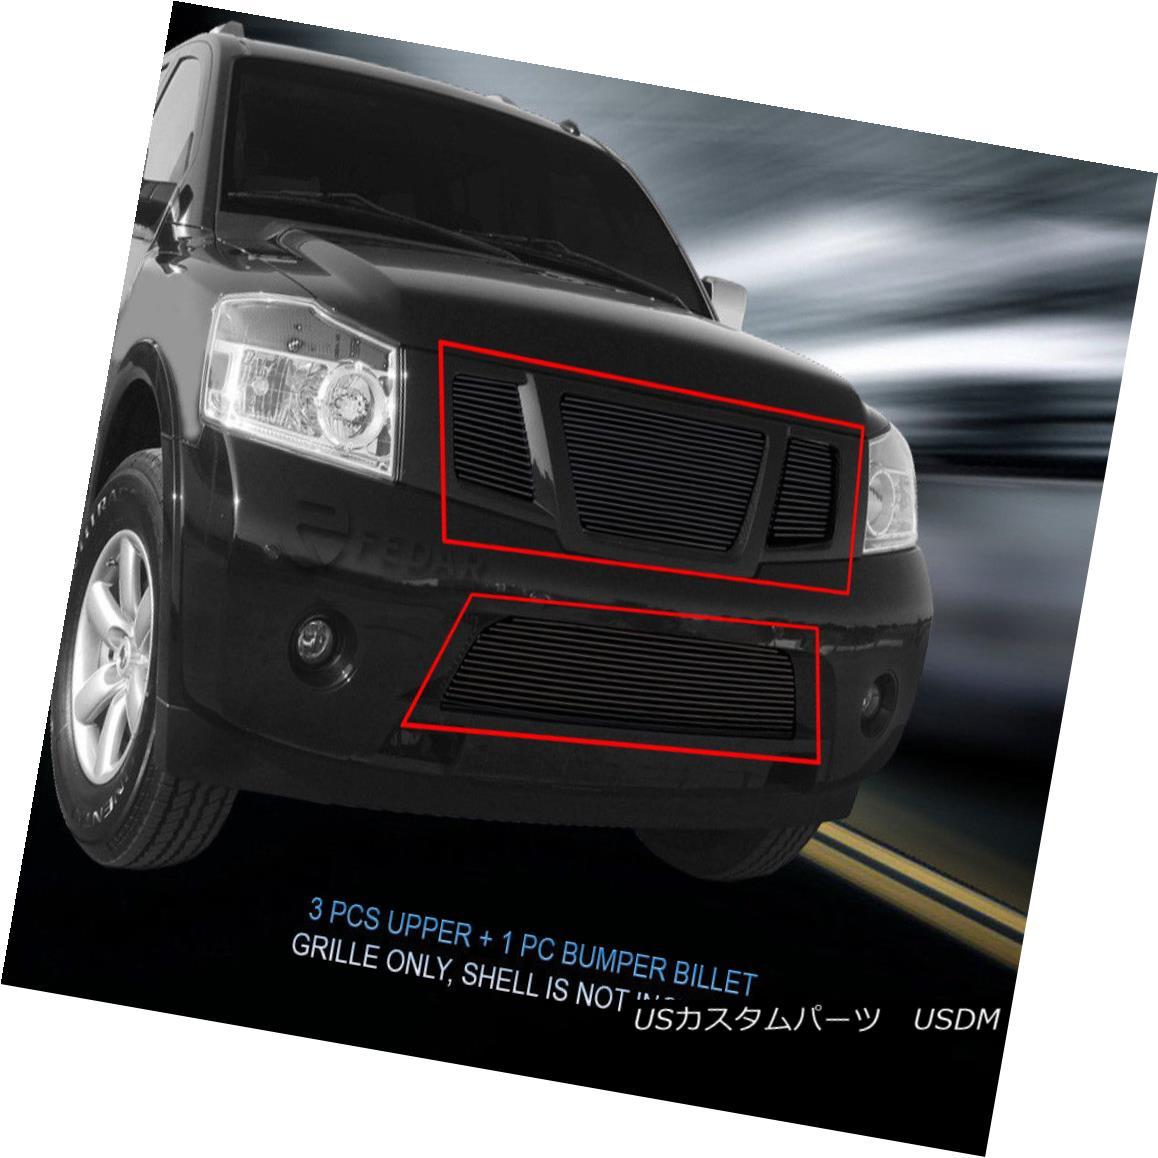 グリル For 2008-2015 Nissan Armada Bolt-On Black Billet Grille Combo Grill Insert Fedar 日産アルマダボルトオンブラックビレットグリルコンボグリルインサートフェルダ